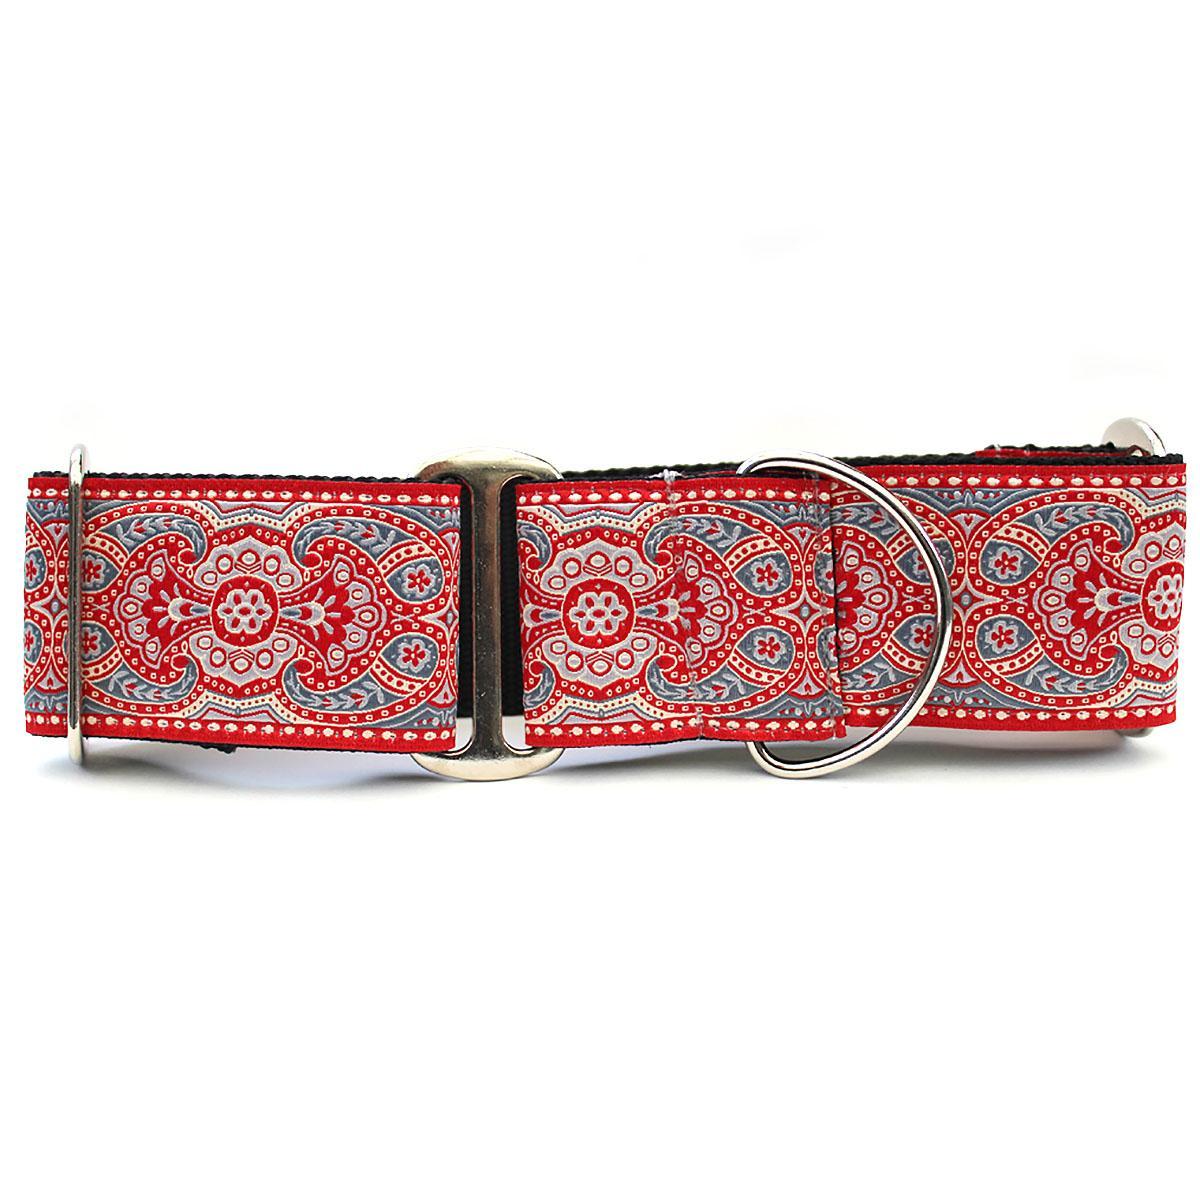 Kashmir Wide Martingale Dog Collar by Diva Dog - Empress Red